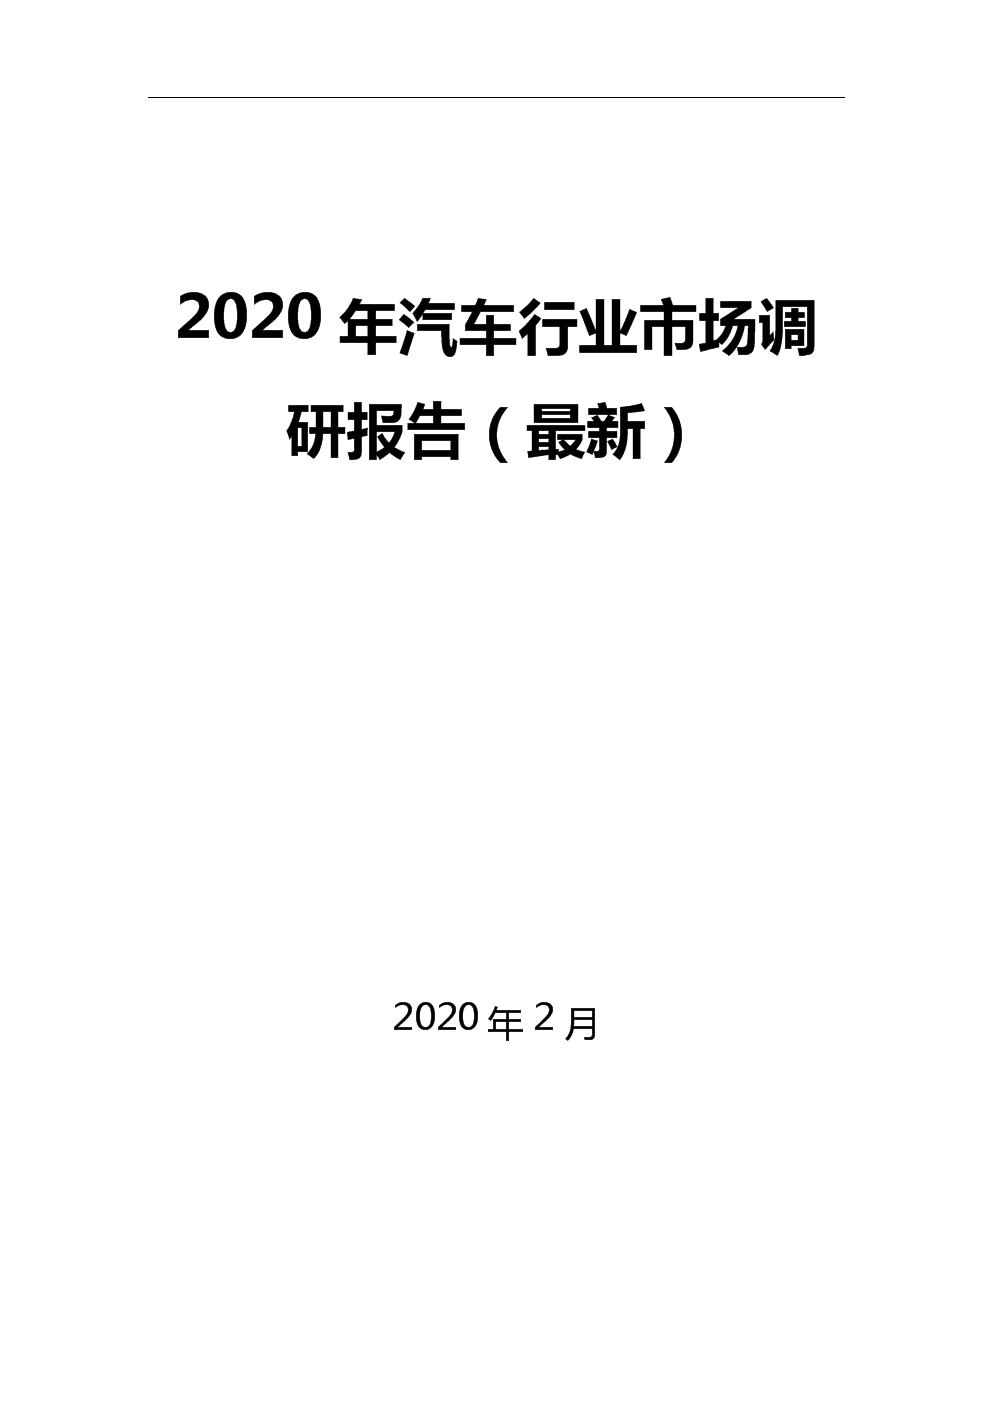 2020年汽车行业市场调研报告(最新).docx